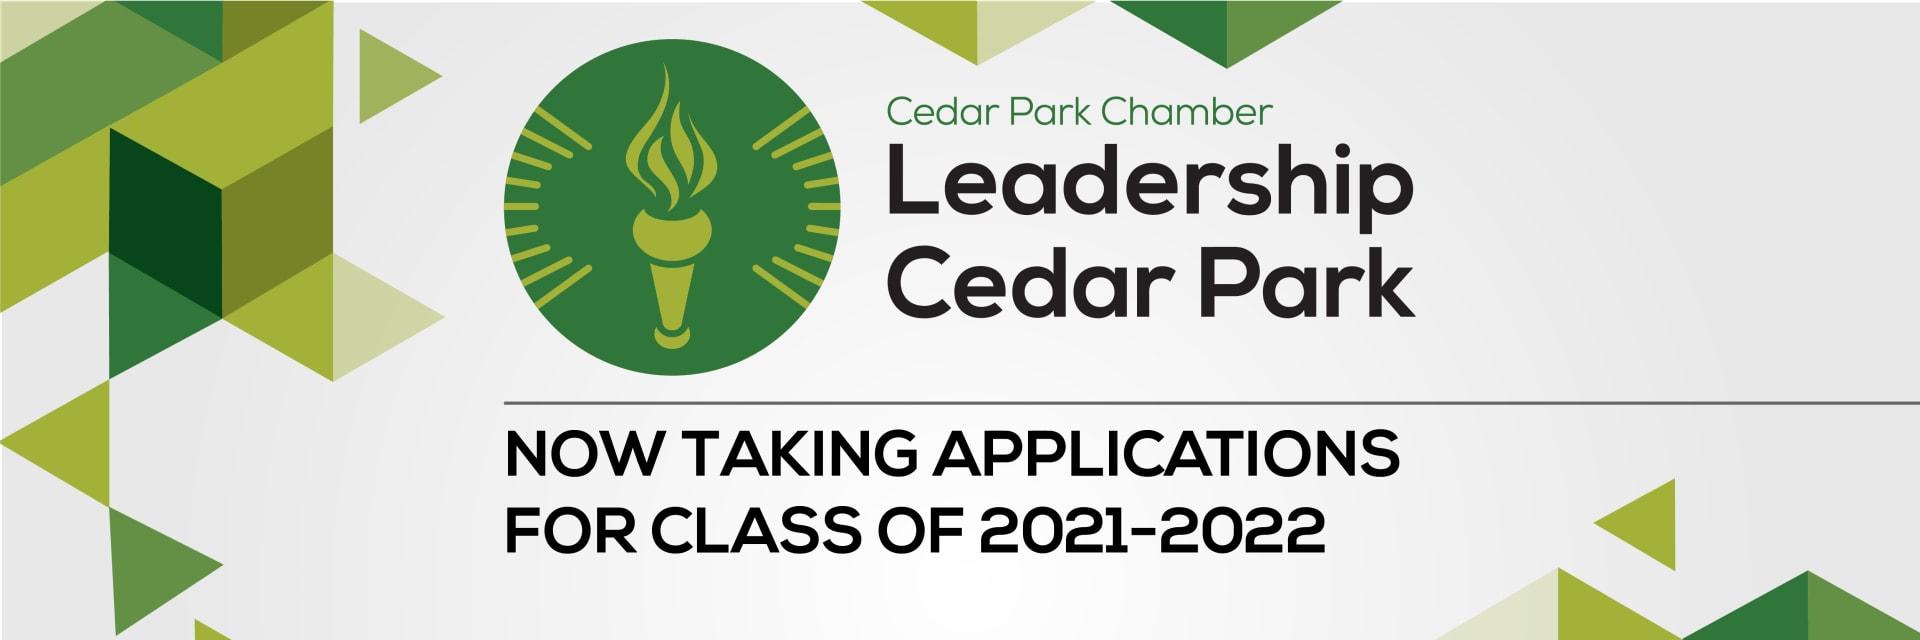 CPC_LEADERSHIPREVAMP2021-01-w1920.jpg